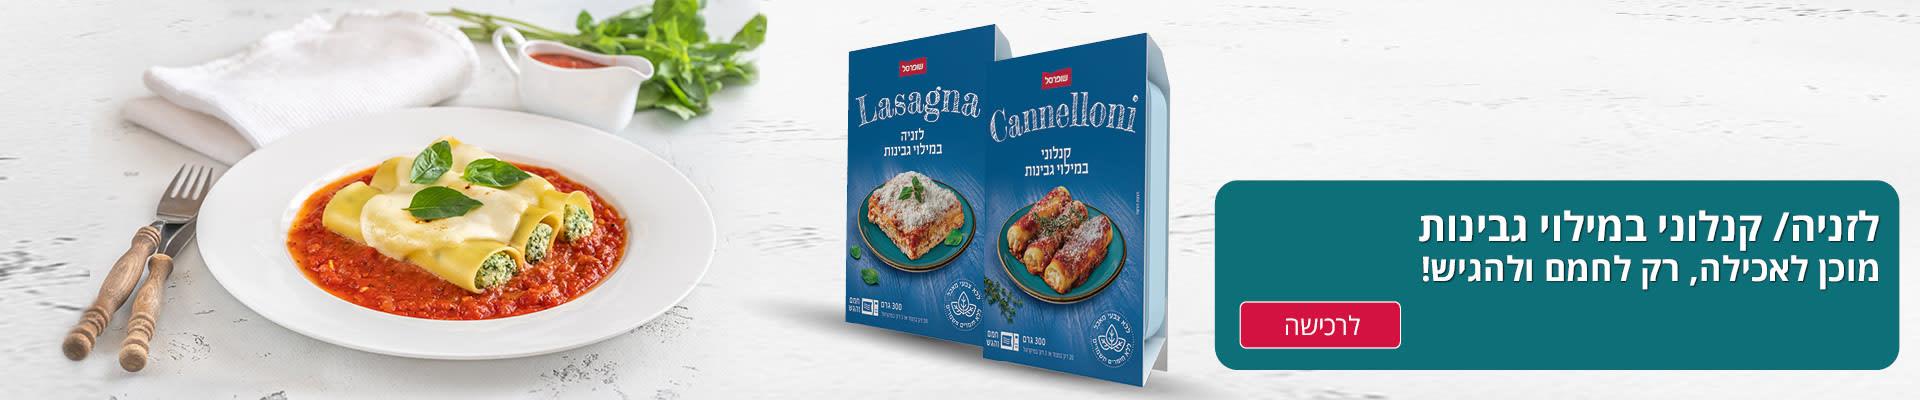 לזניה/קנלוני במילוי גבינות מוכן לאכילה, רק לחמם ולהגיש!